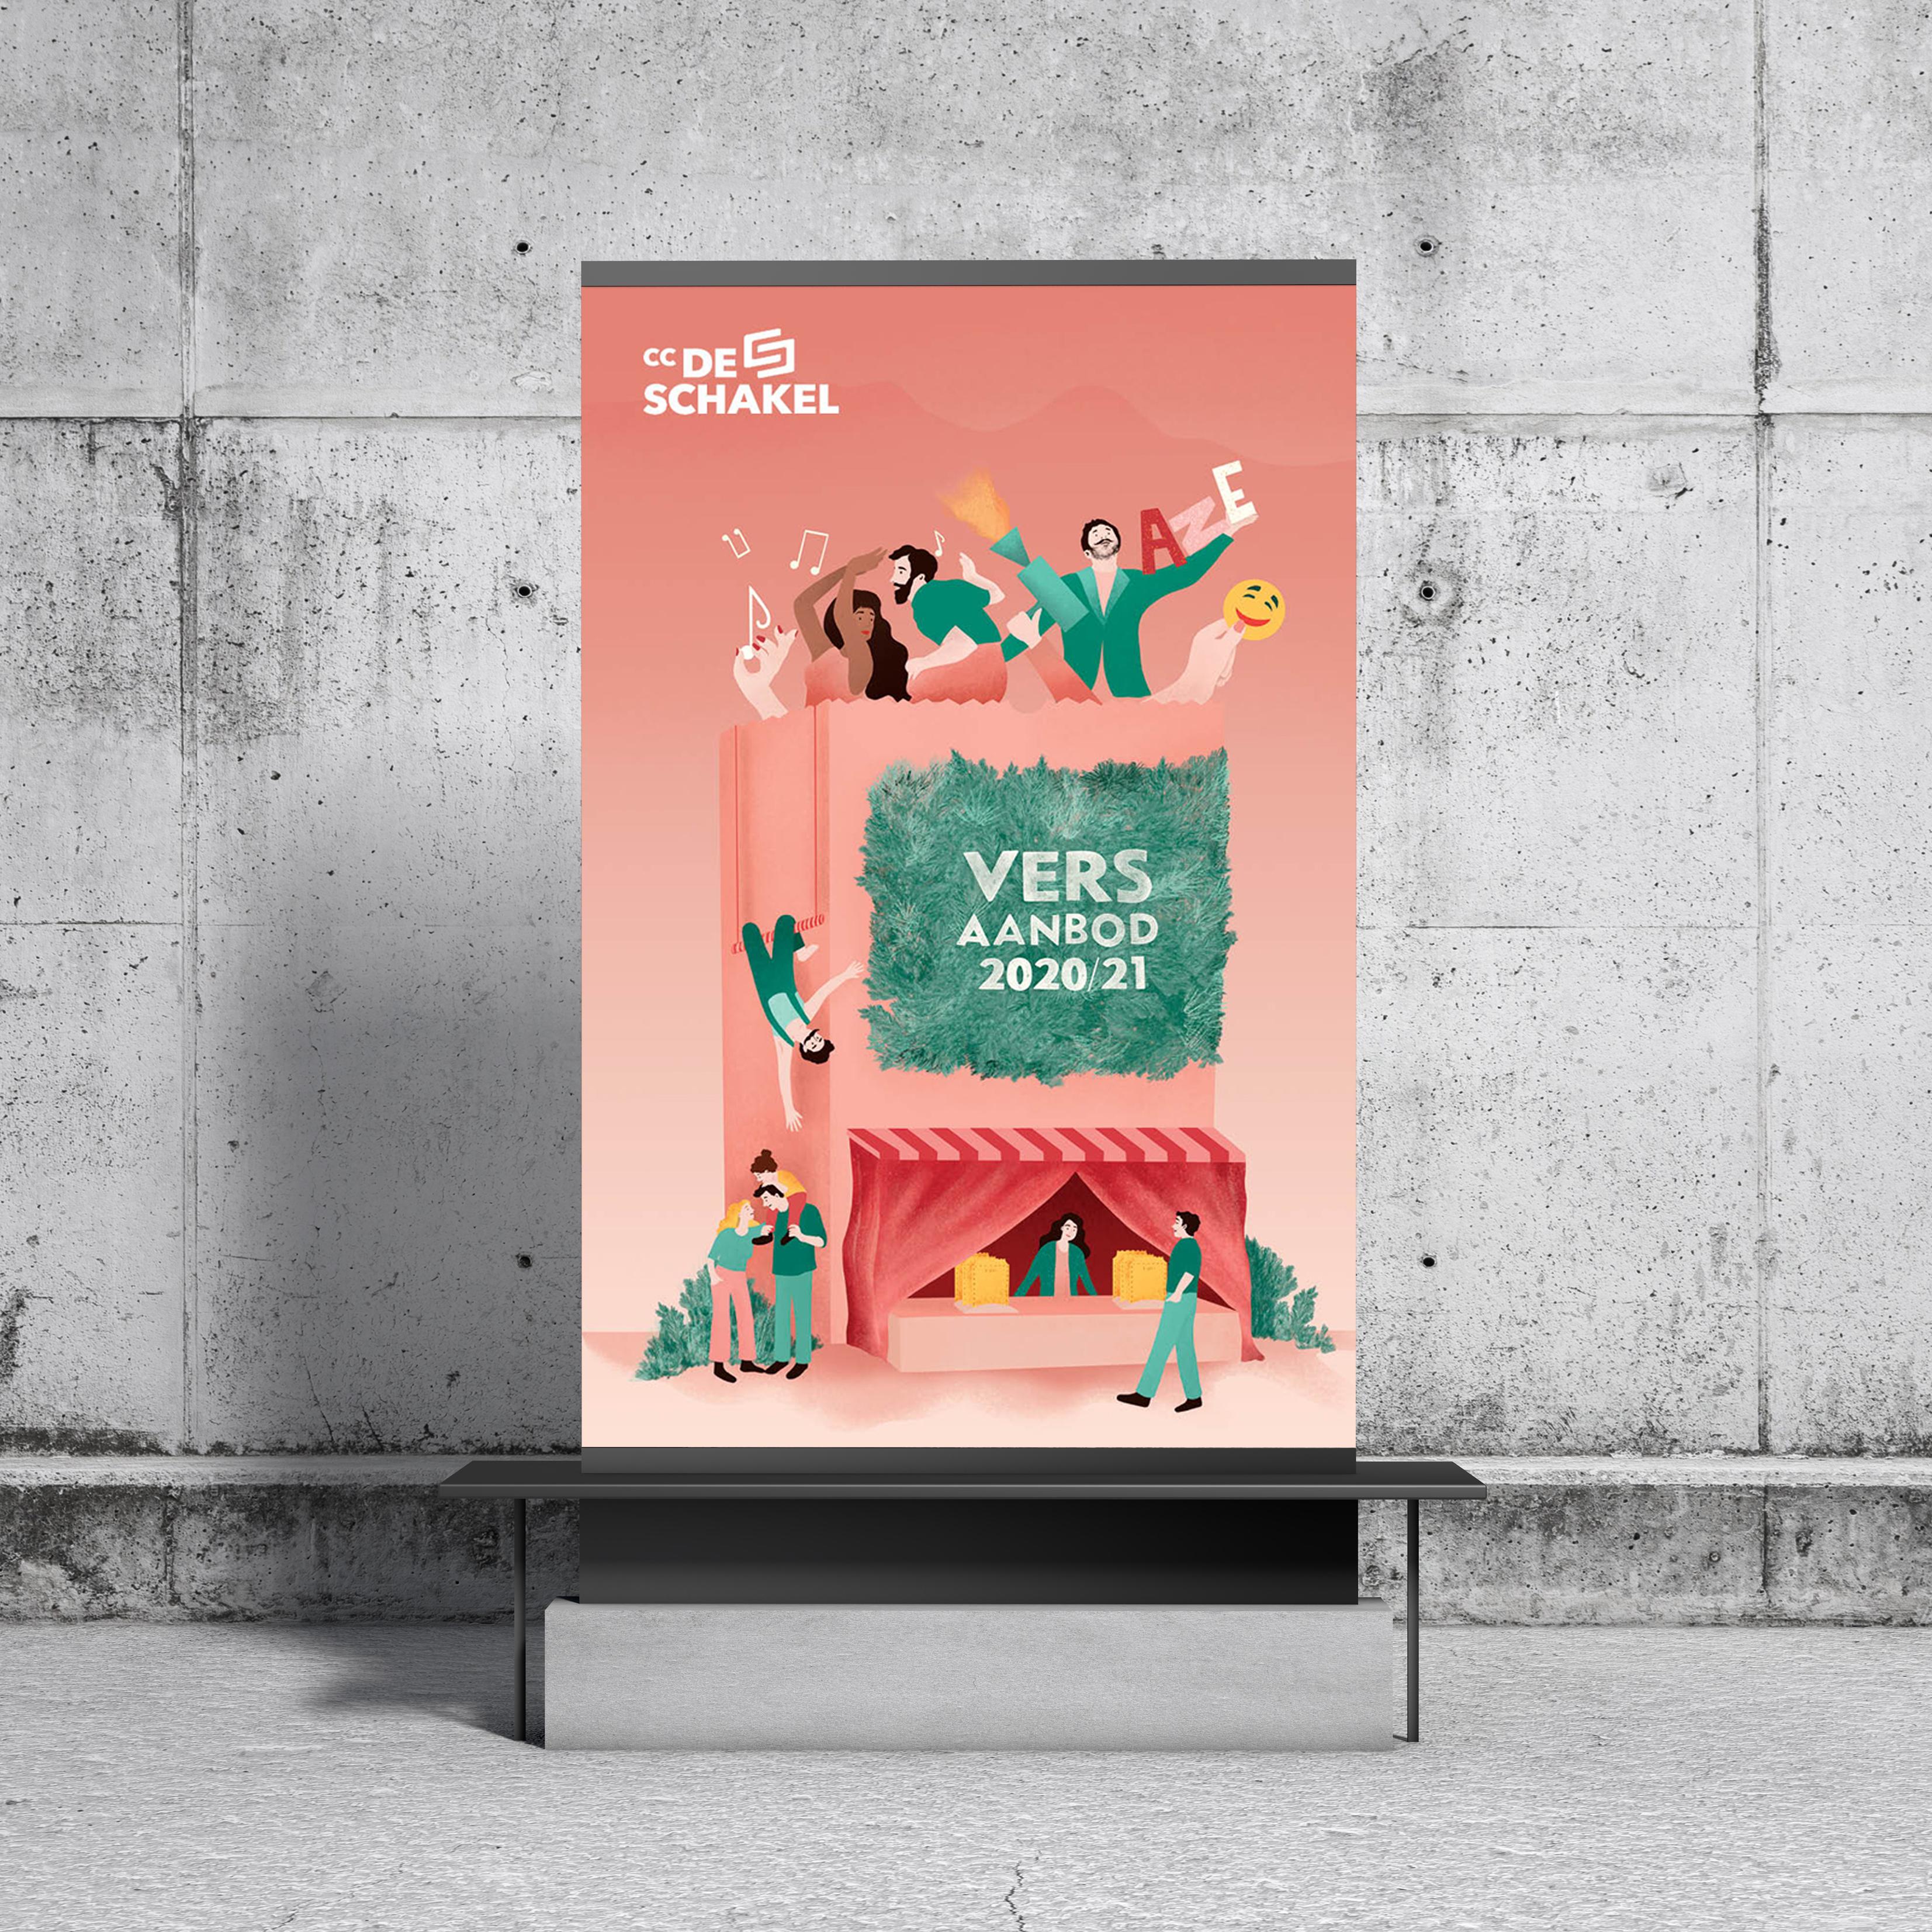 Seizoenscampagne CC De Schakel 2020-2021